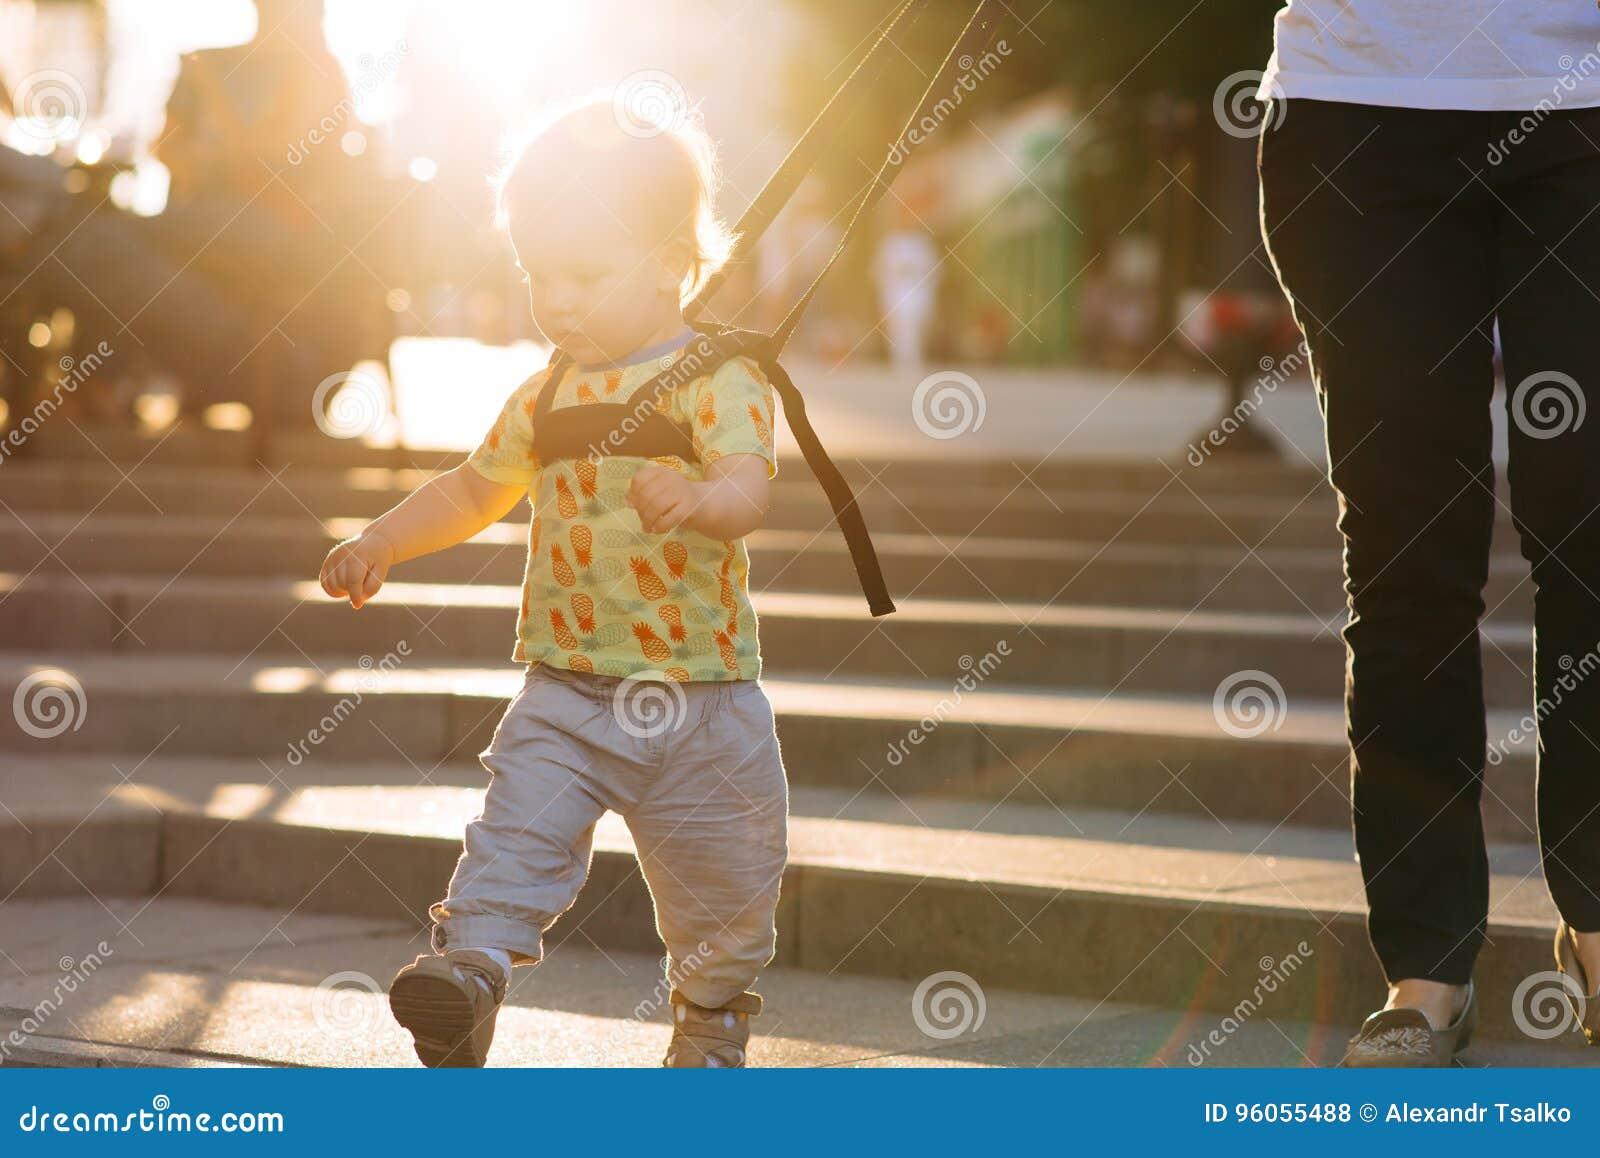 La maman assure son enfant pendant une promenade